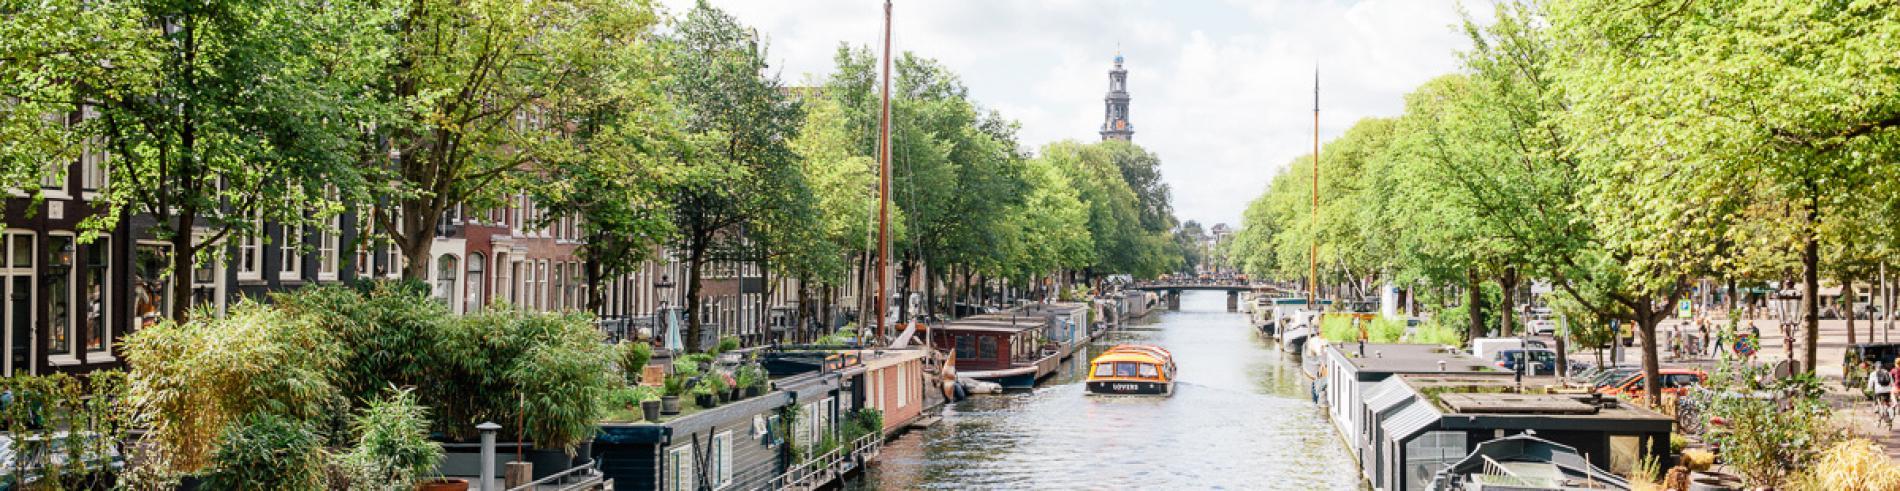 Prinsengracht and Westerkerk in Amsterdam